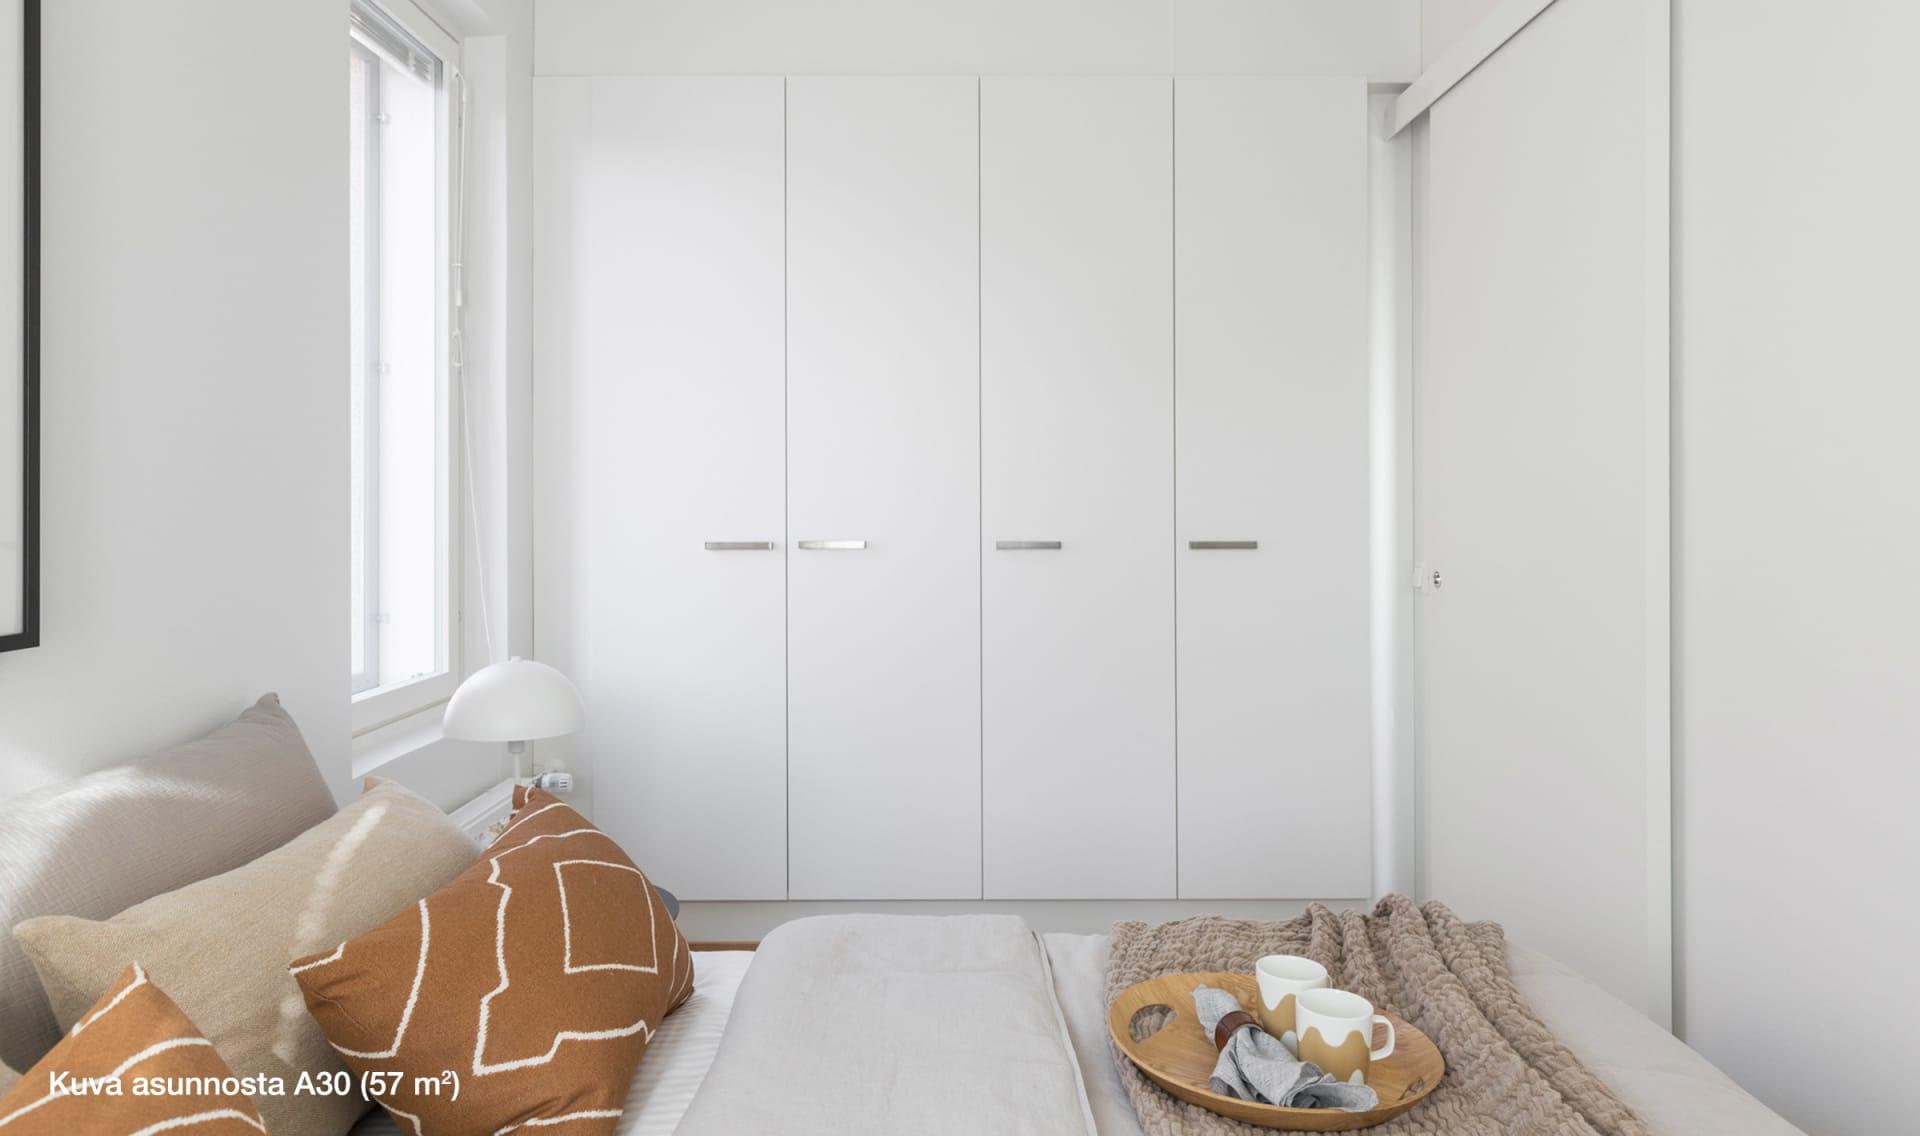 Myytävät asunnot Nurmijärvi - Asunto Oy Nurmijärven Vehnäntähkä, Tähkäkortteli